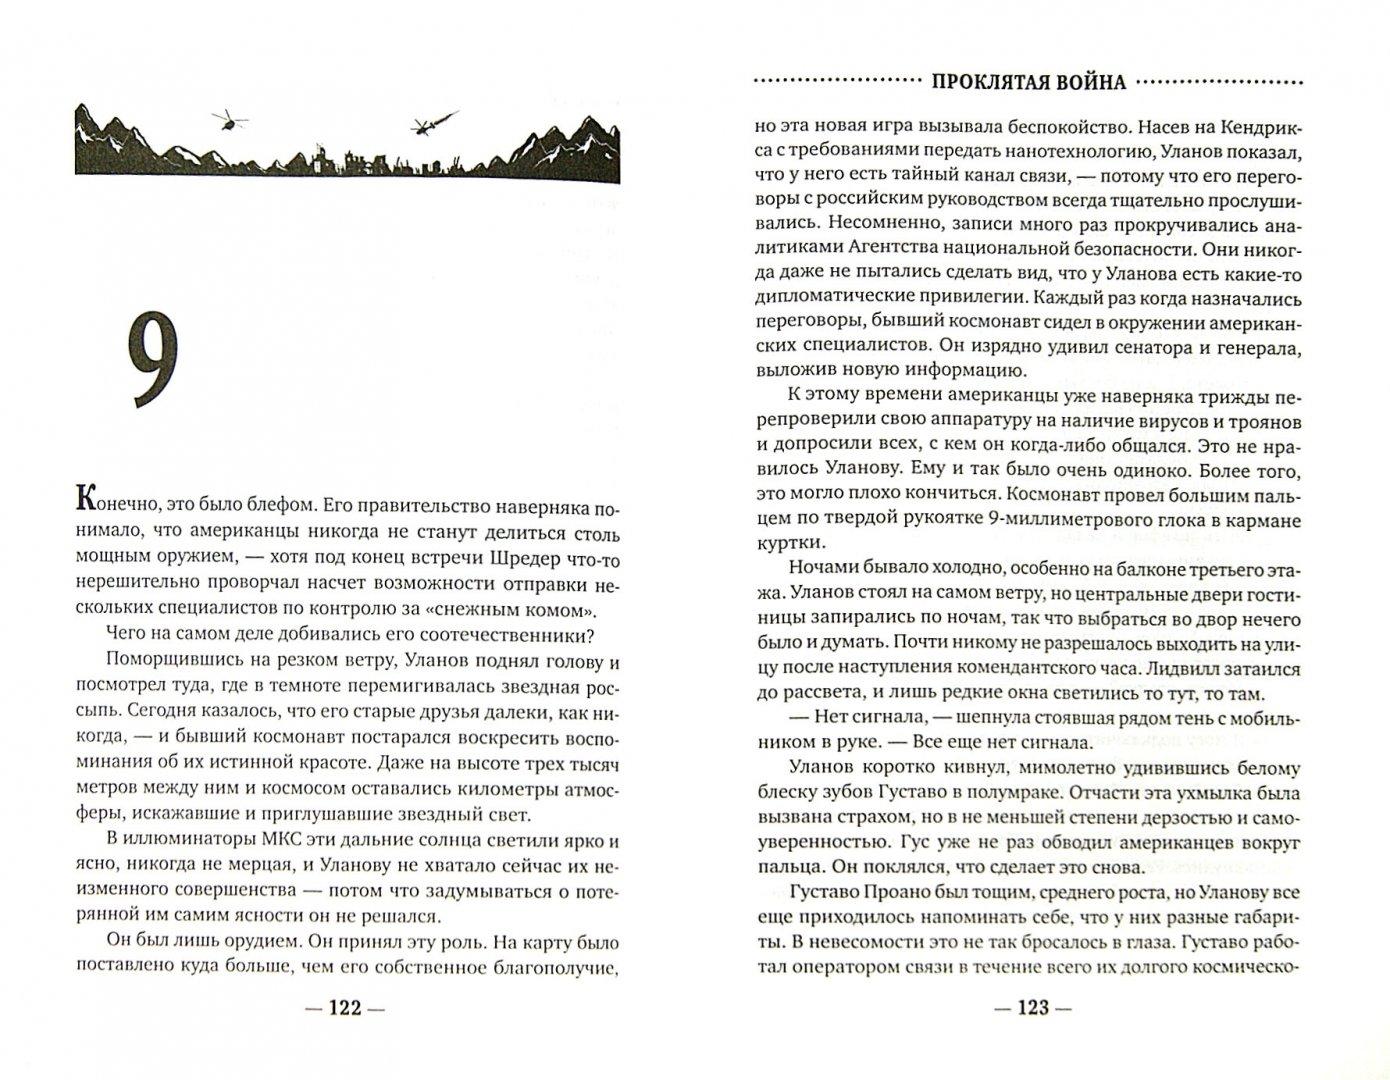 Иллюстрация 1 из 66 для Наночума. Проклятая война - Джефф Карлсон | Лабиринт - книги. Источник: Лабиринт